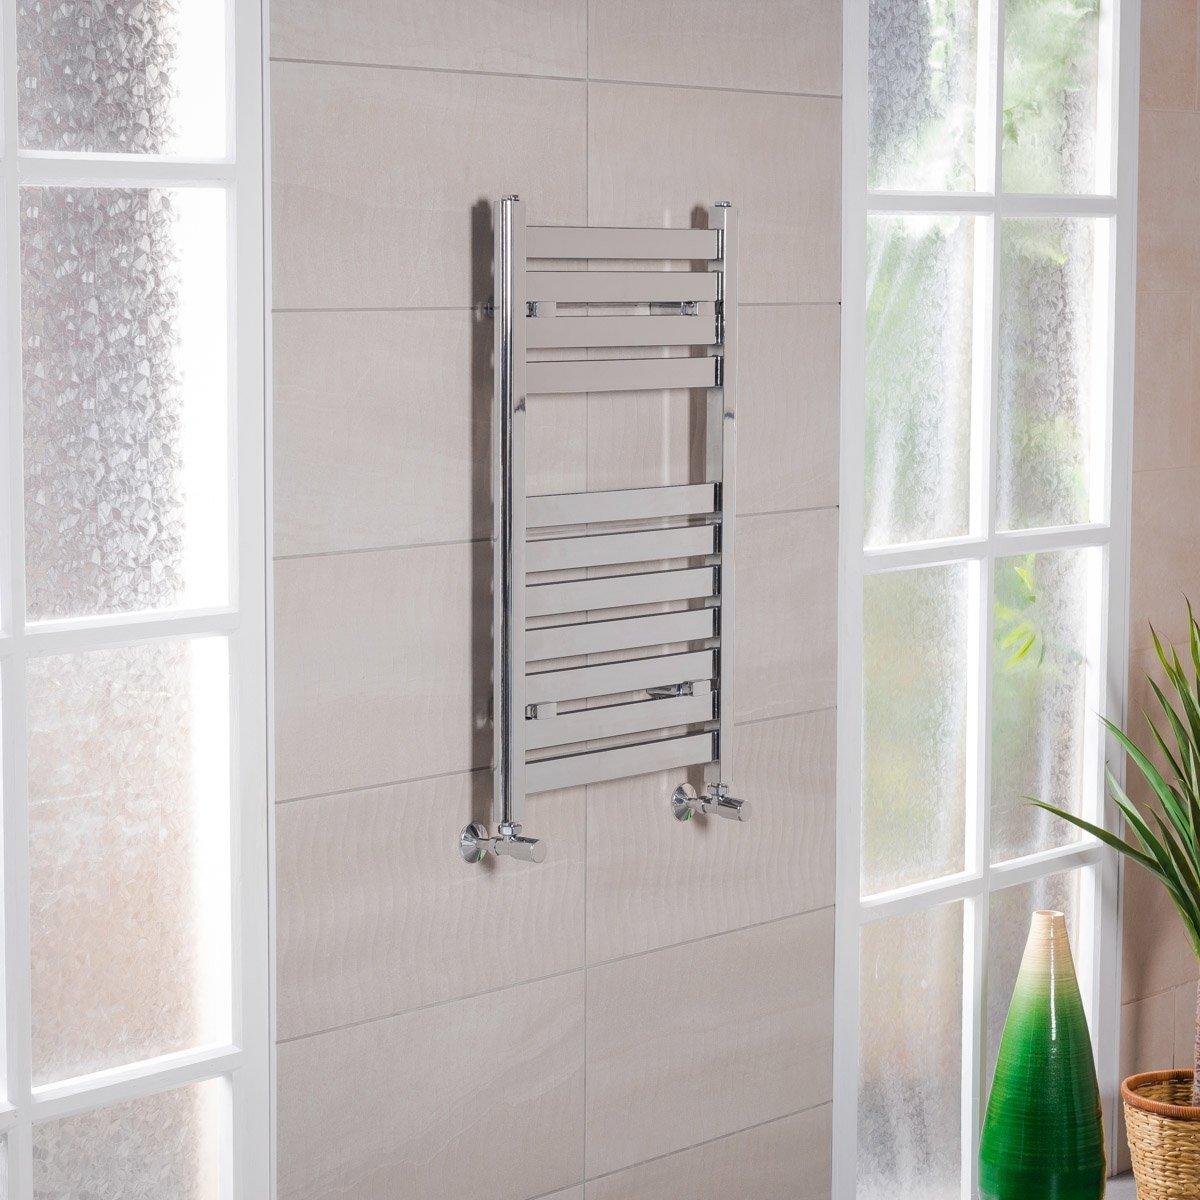 Boden Scaldasalviette Design Termoarredo Lusso Calorifero Bagno 800 x 500mm Interasse: 450mm – 379 Watt Cromato WarmeHaus